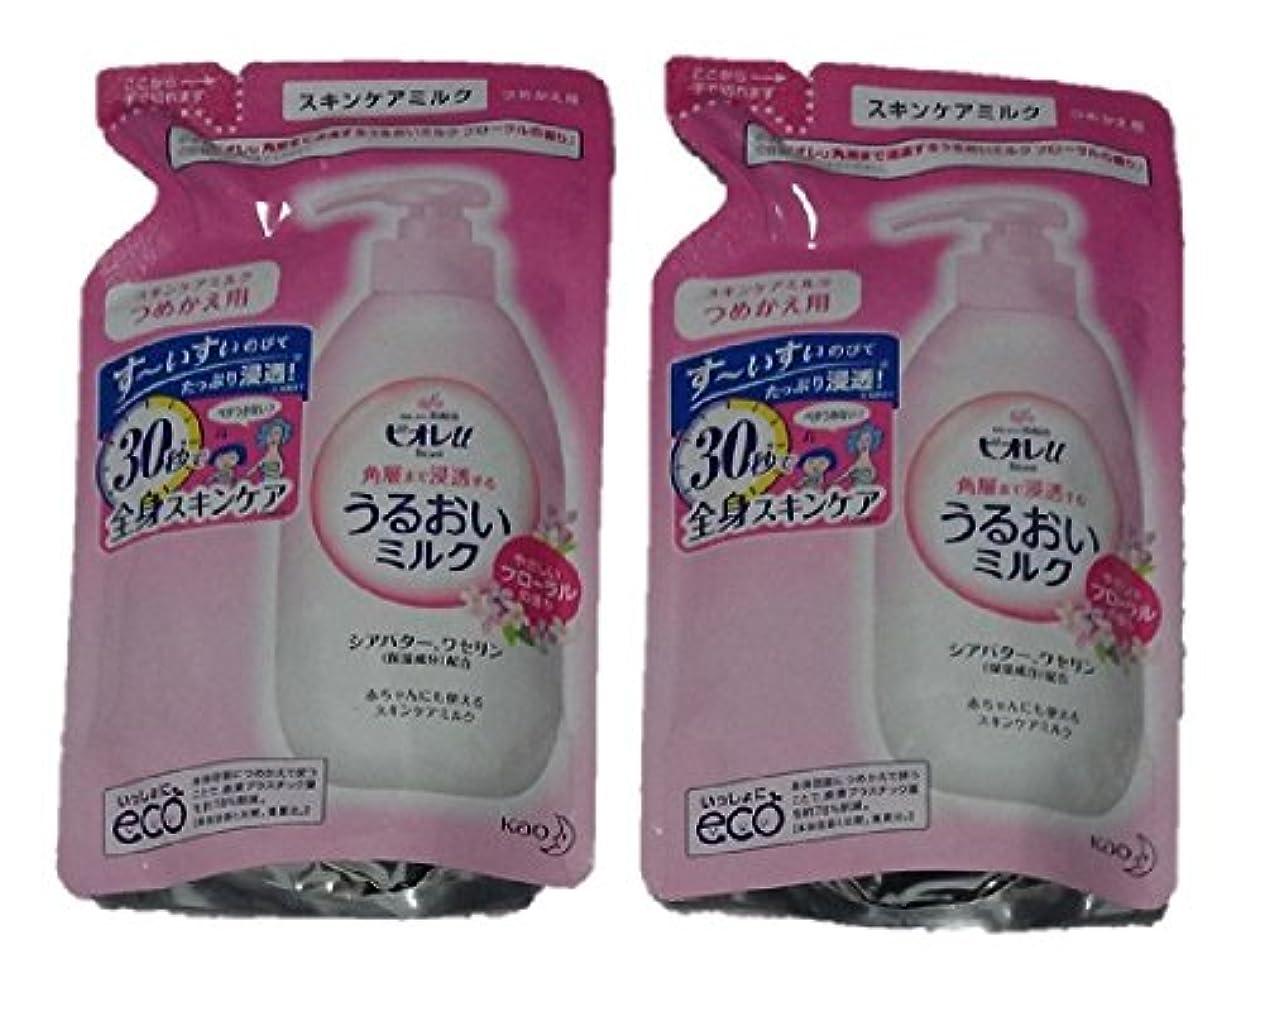 ワードローブ会う息子【2袋セット】 ビオレU うるおいミルク フローラルの香り つめかえ用